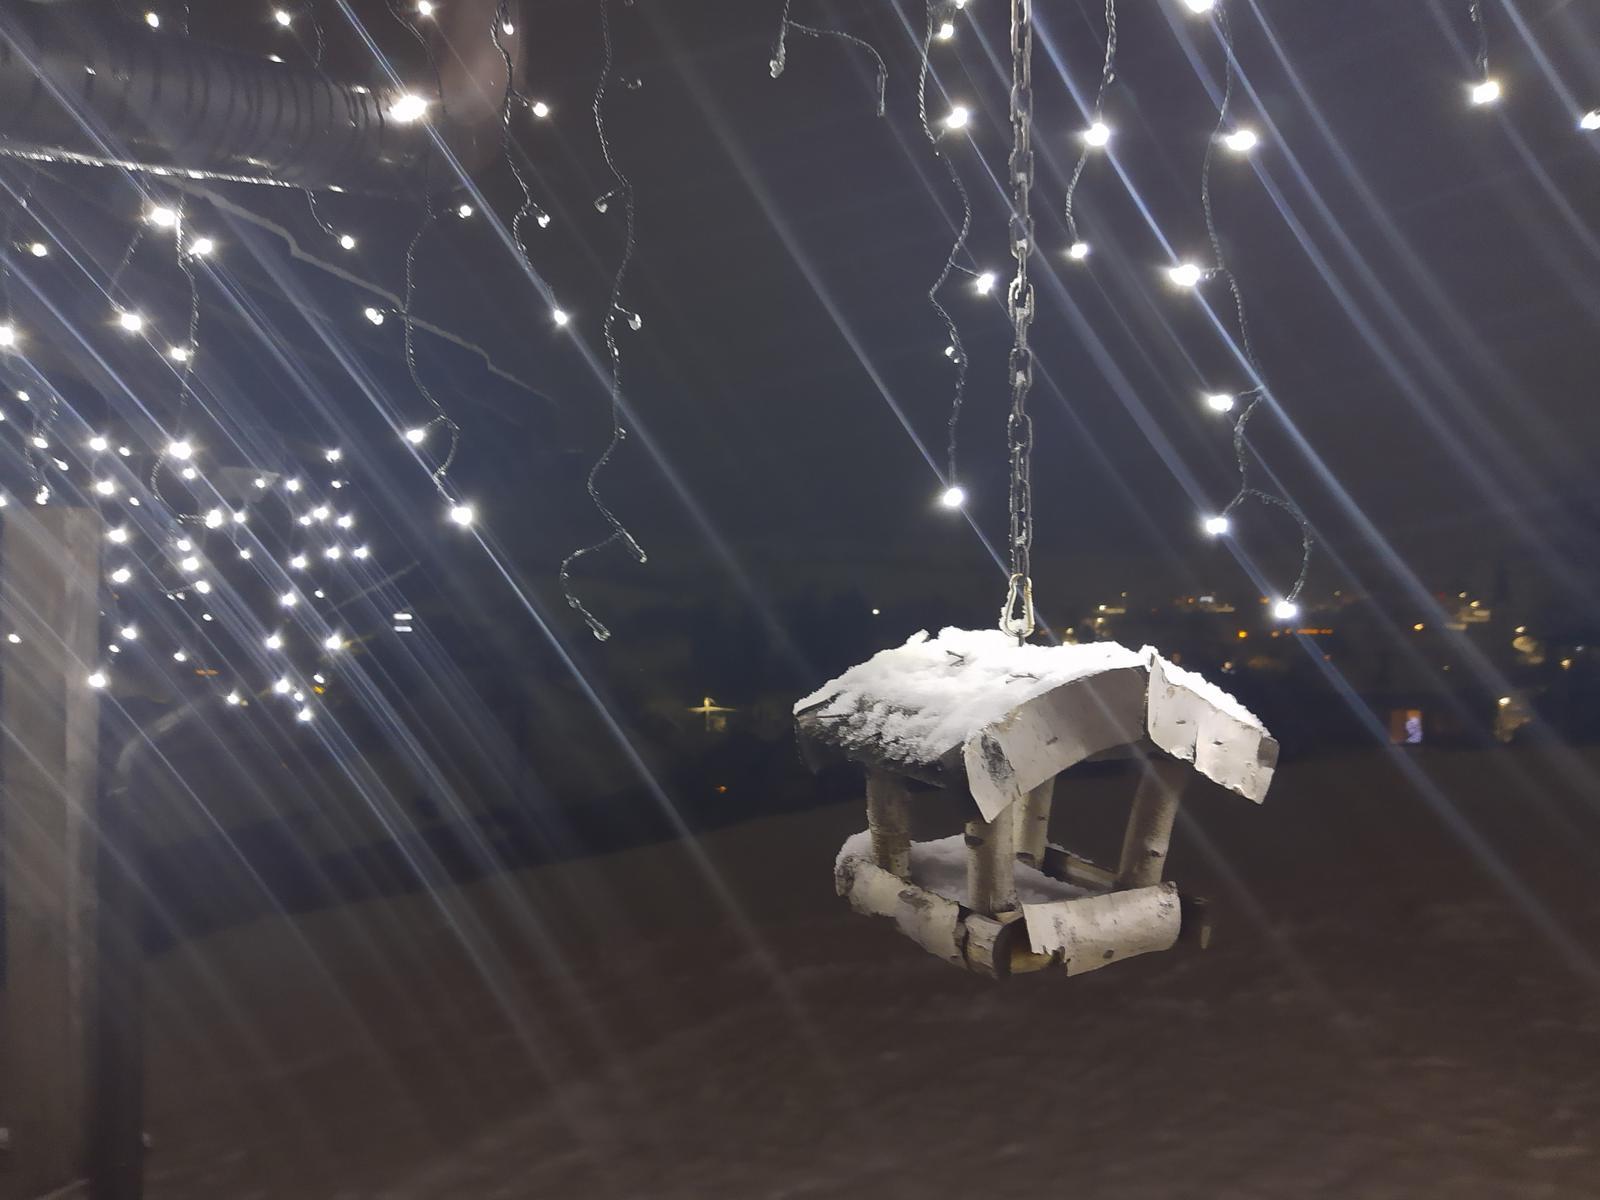 Domček na kopčeku - Krásne sneží